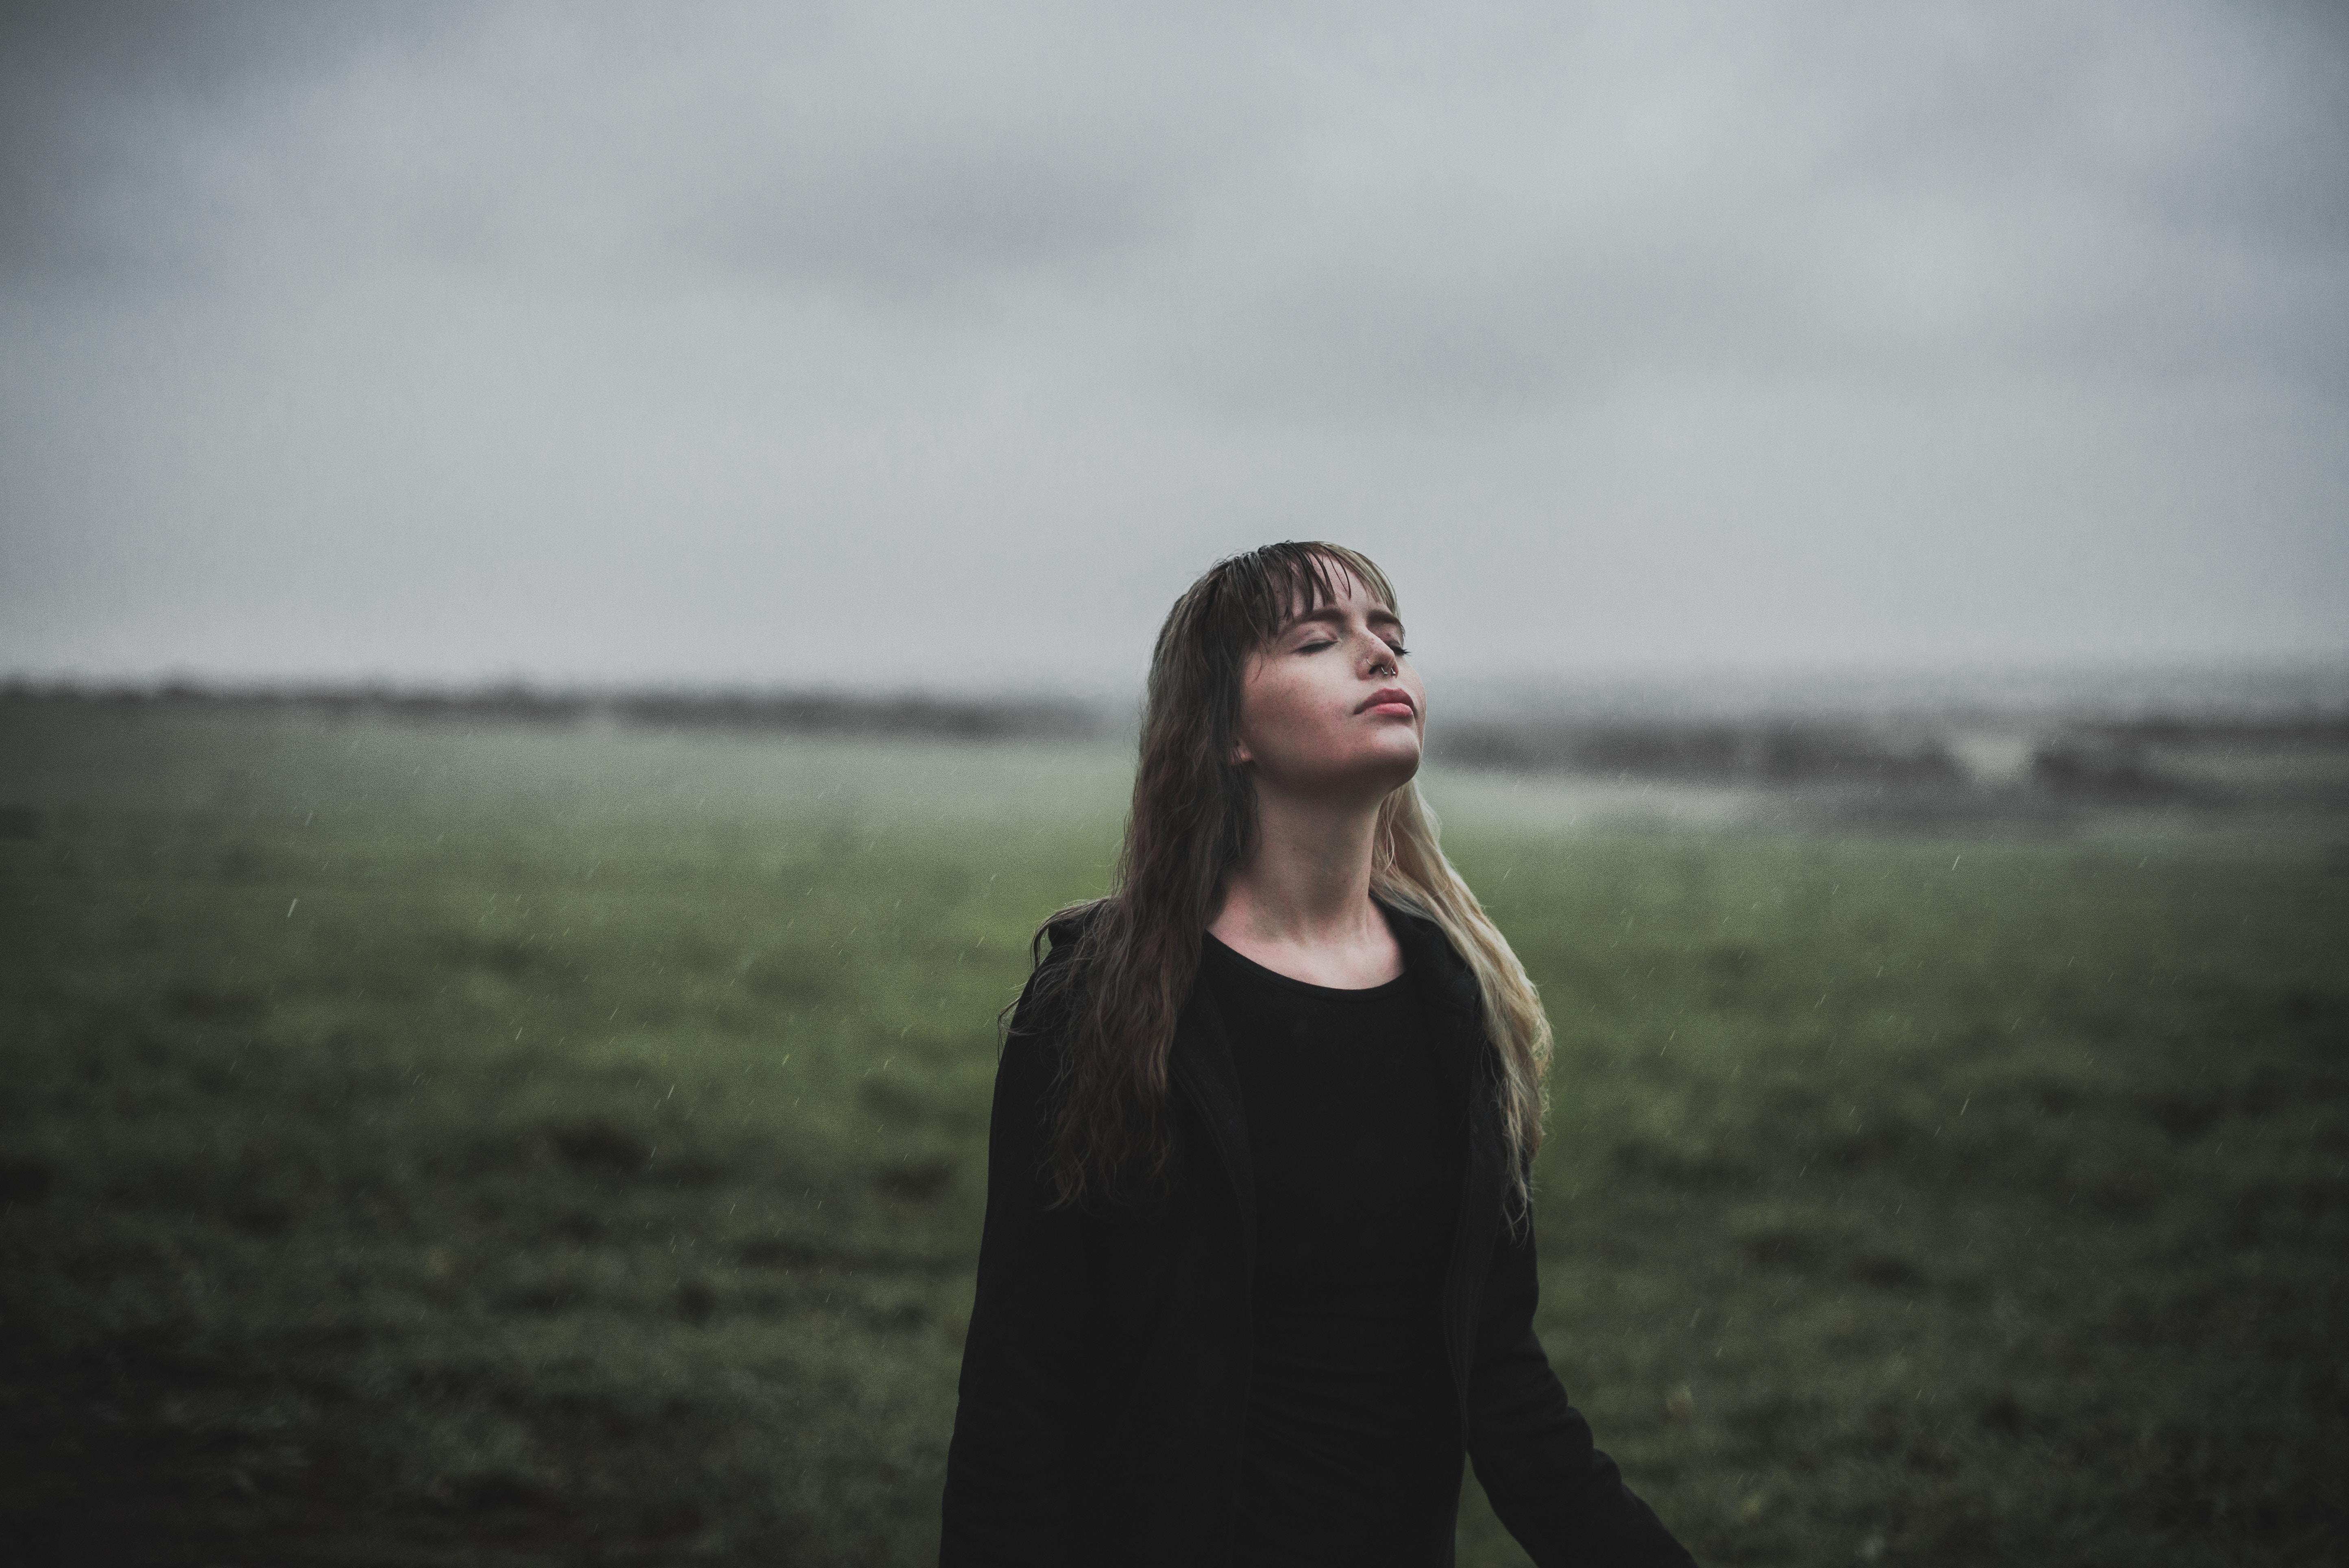 méditation son pluie lâcher prise